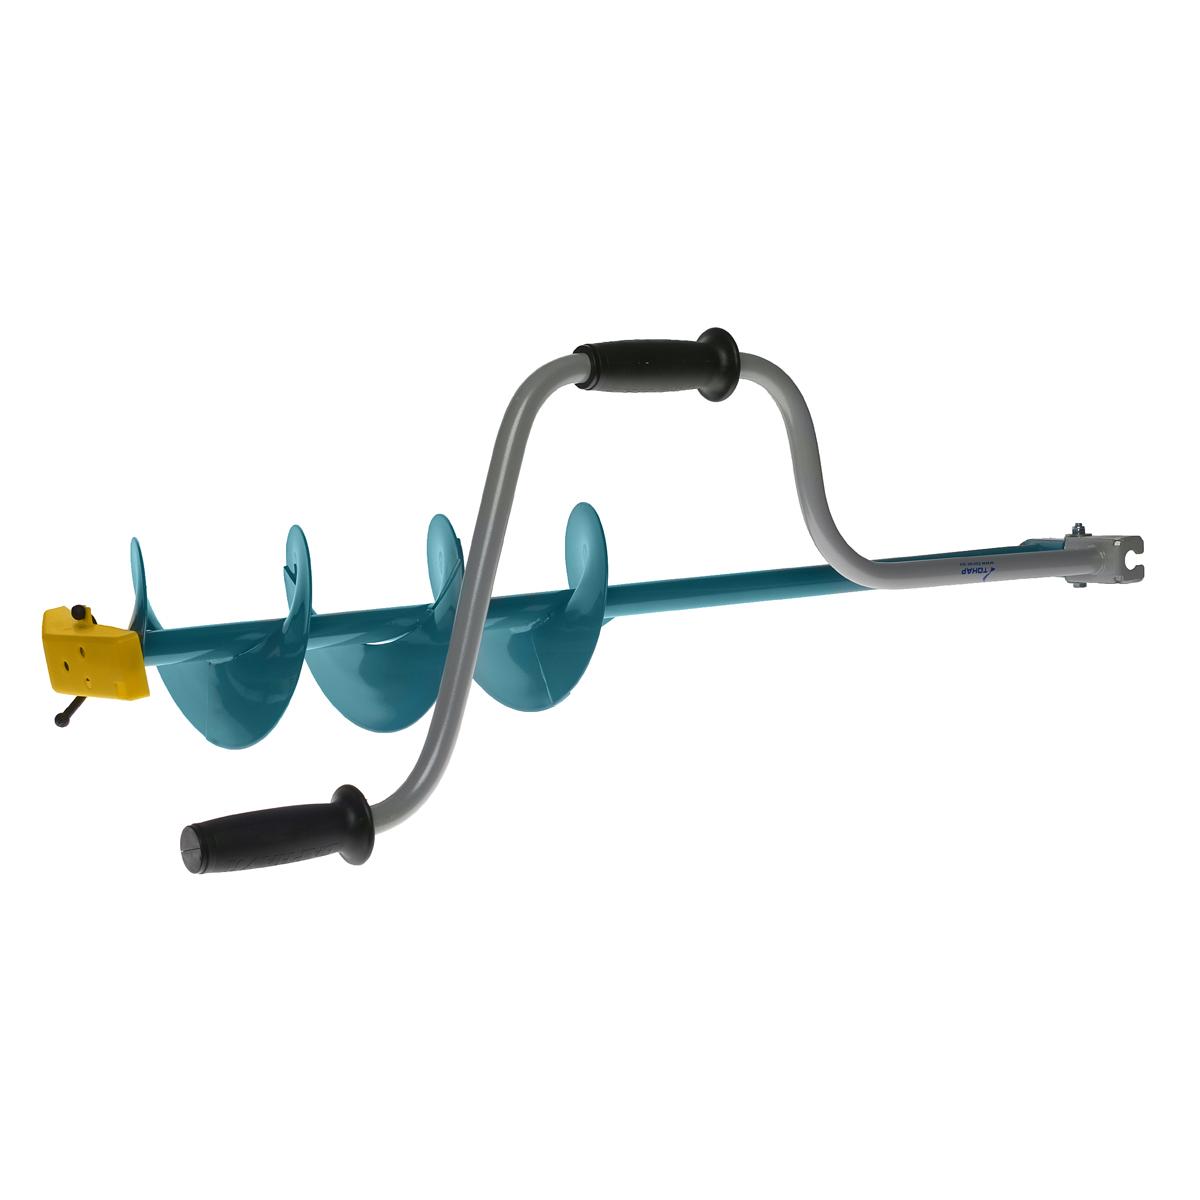 Ледобур Тонар ЛР-100Д, двуручный, диаметр 100 мм13-11-055Основное и единственное отличие двуручных ледобуров от классических - верхняя рукоятка ледобура смещена относительно оси ледобура на 130 мм, а нижняя на 100 мм. Такое расположение рукояток позволяет вращать ледобур одновременно двумя руками, тем самым, увеличивая скорость бурения лунок во льду. Кроме того, существенно уменьшаются габариты ледобура в транспортном положении. По всем остальным характеристикам двуручные ледобуры полностью соответствуют классическим.